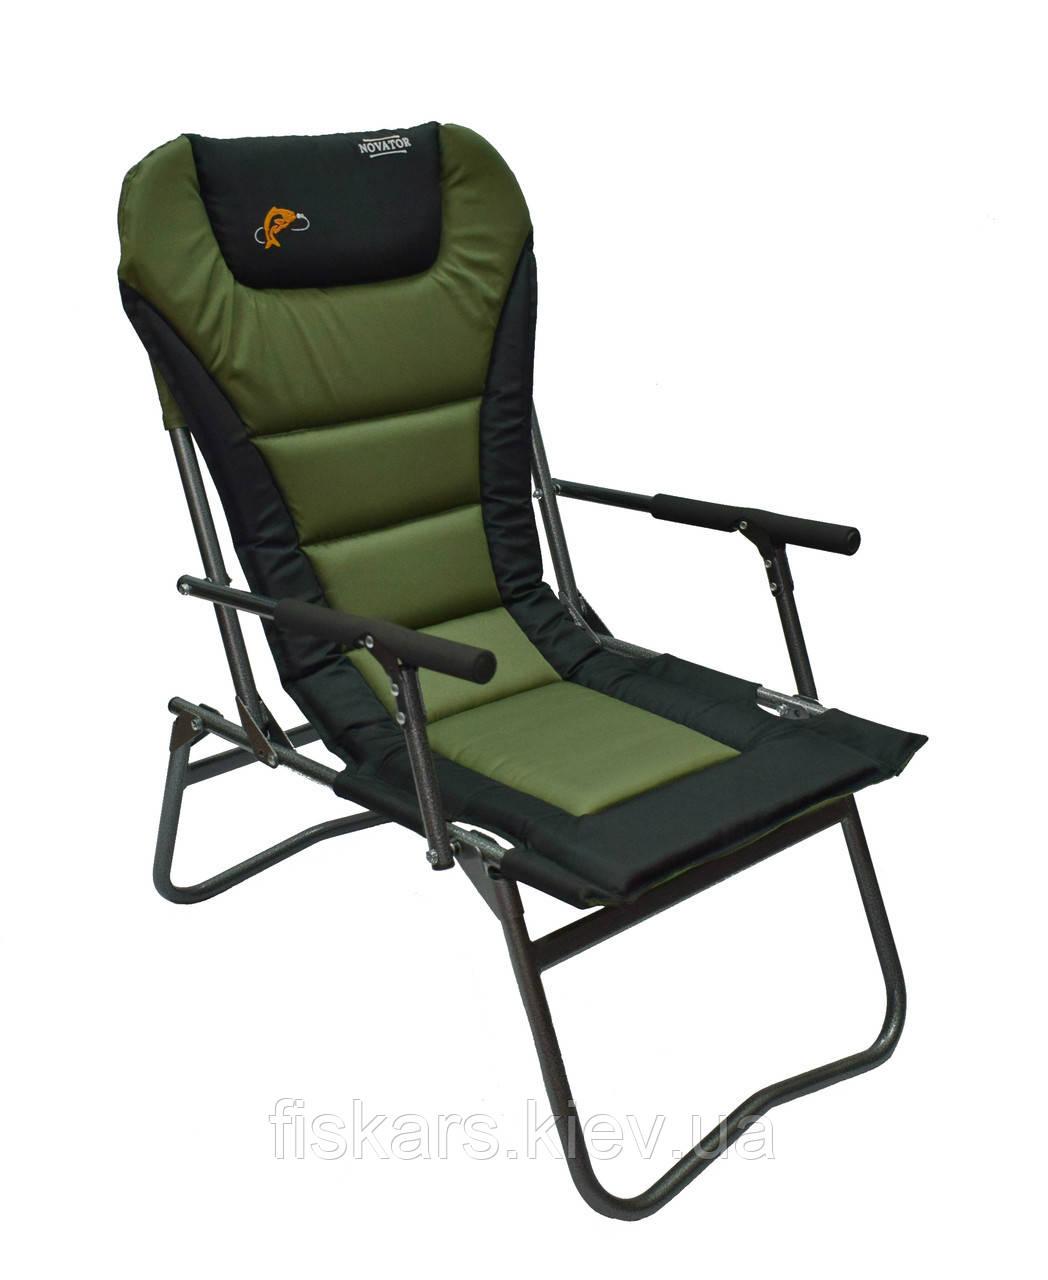 Крісло рибальське, карпове Novator SF-4 Comfort